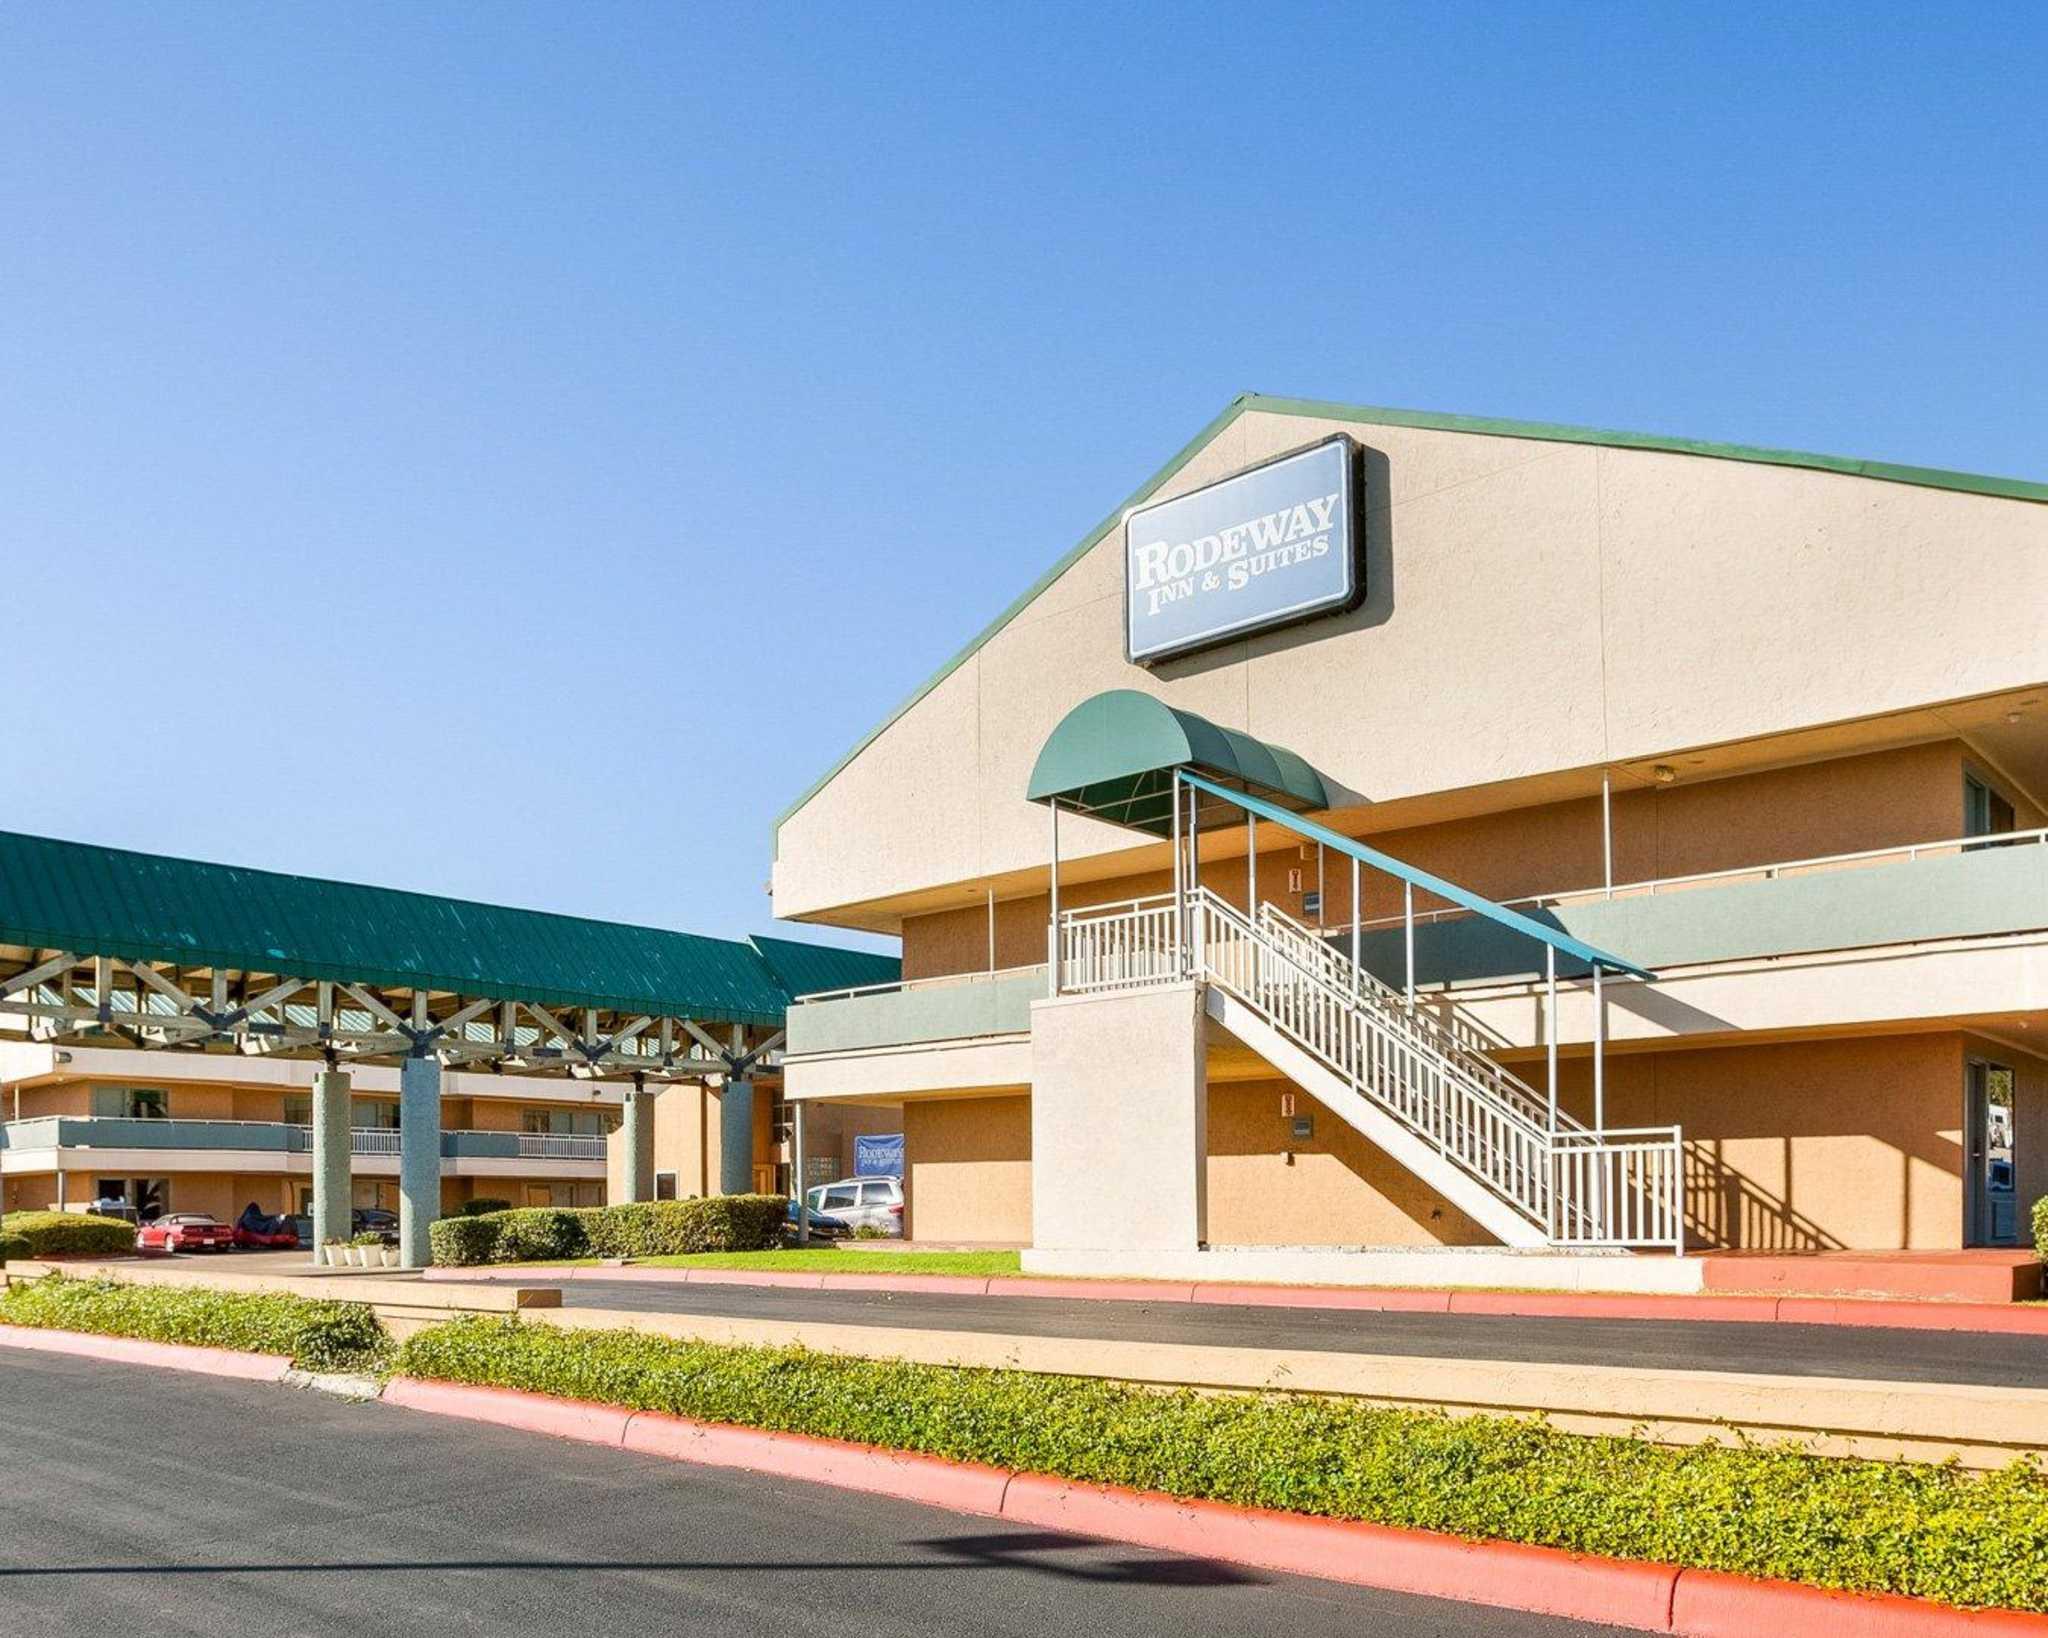 Rodeway Inn & Suites Fiesta Park image 2